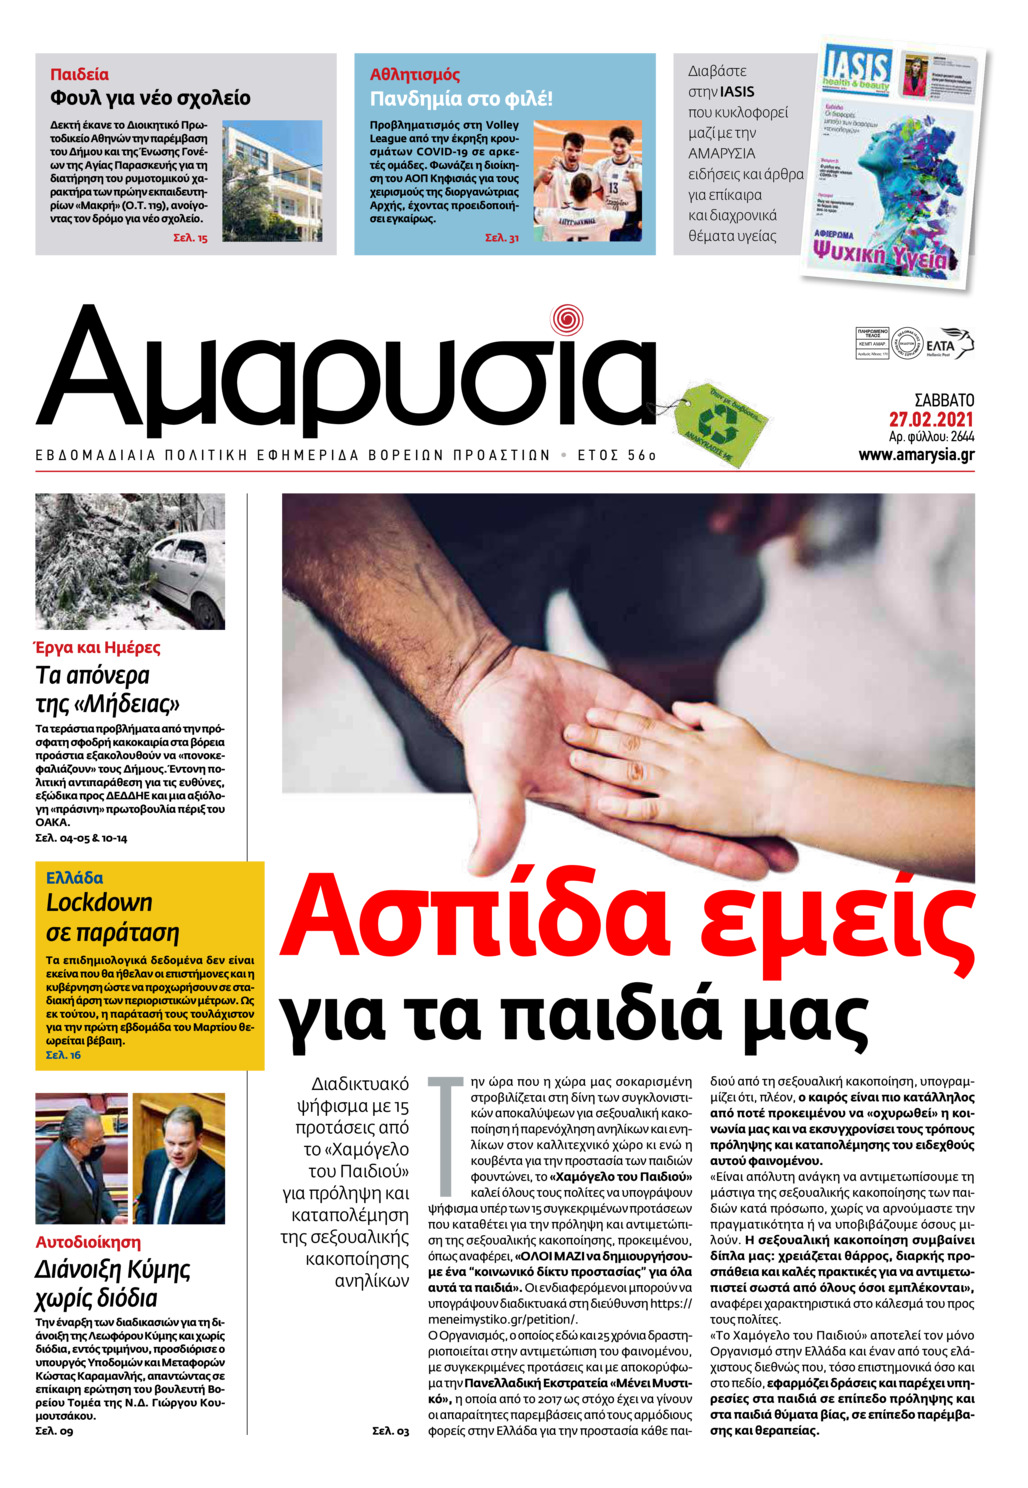 Πρωτοσέλιδο εφημερίδας Αμαρυσία